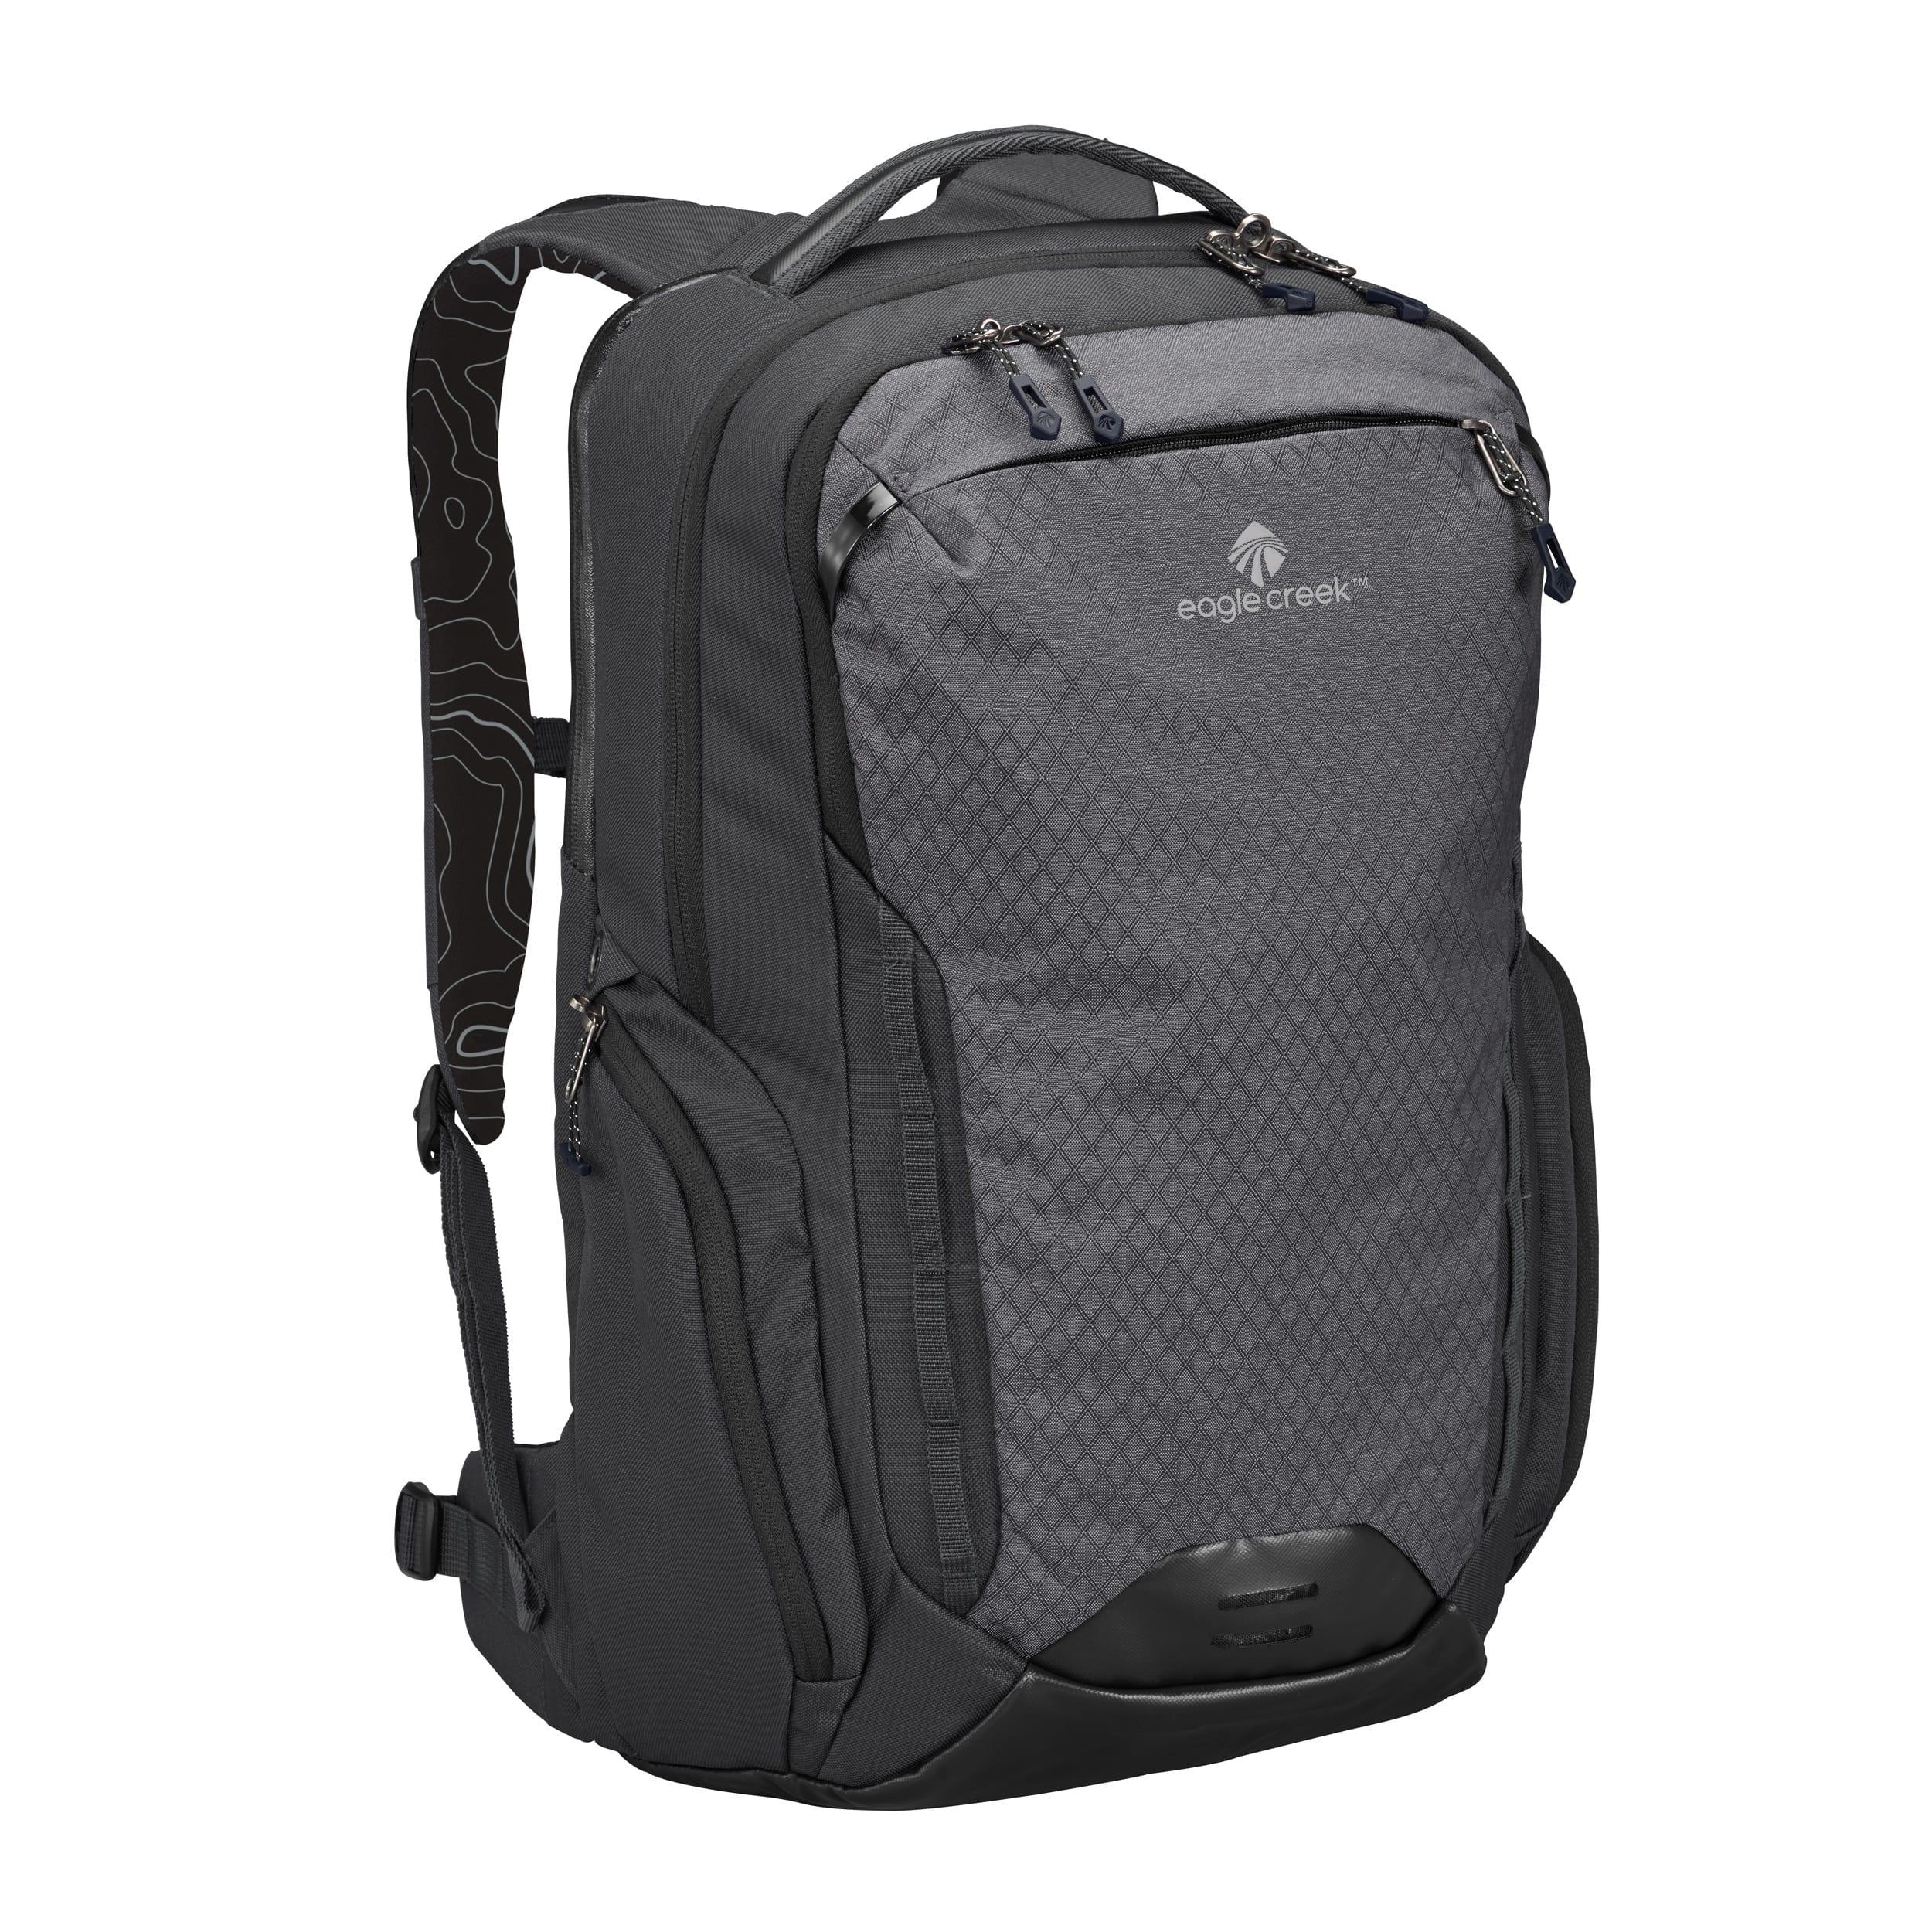 Wayfinder Backpack 40 L, Eagle Creek